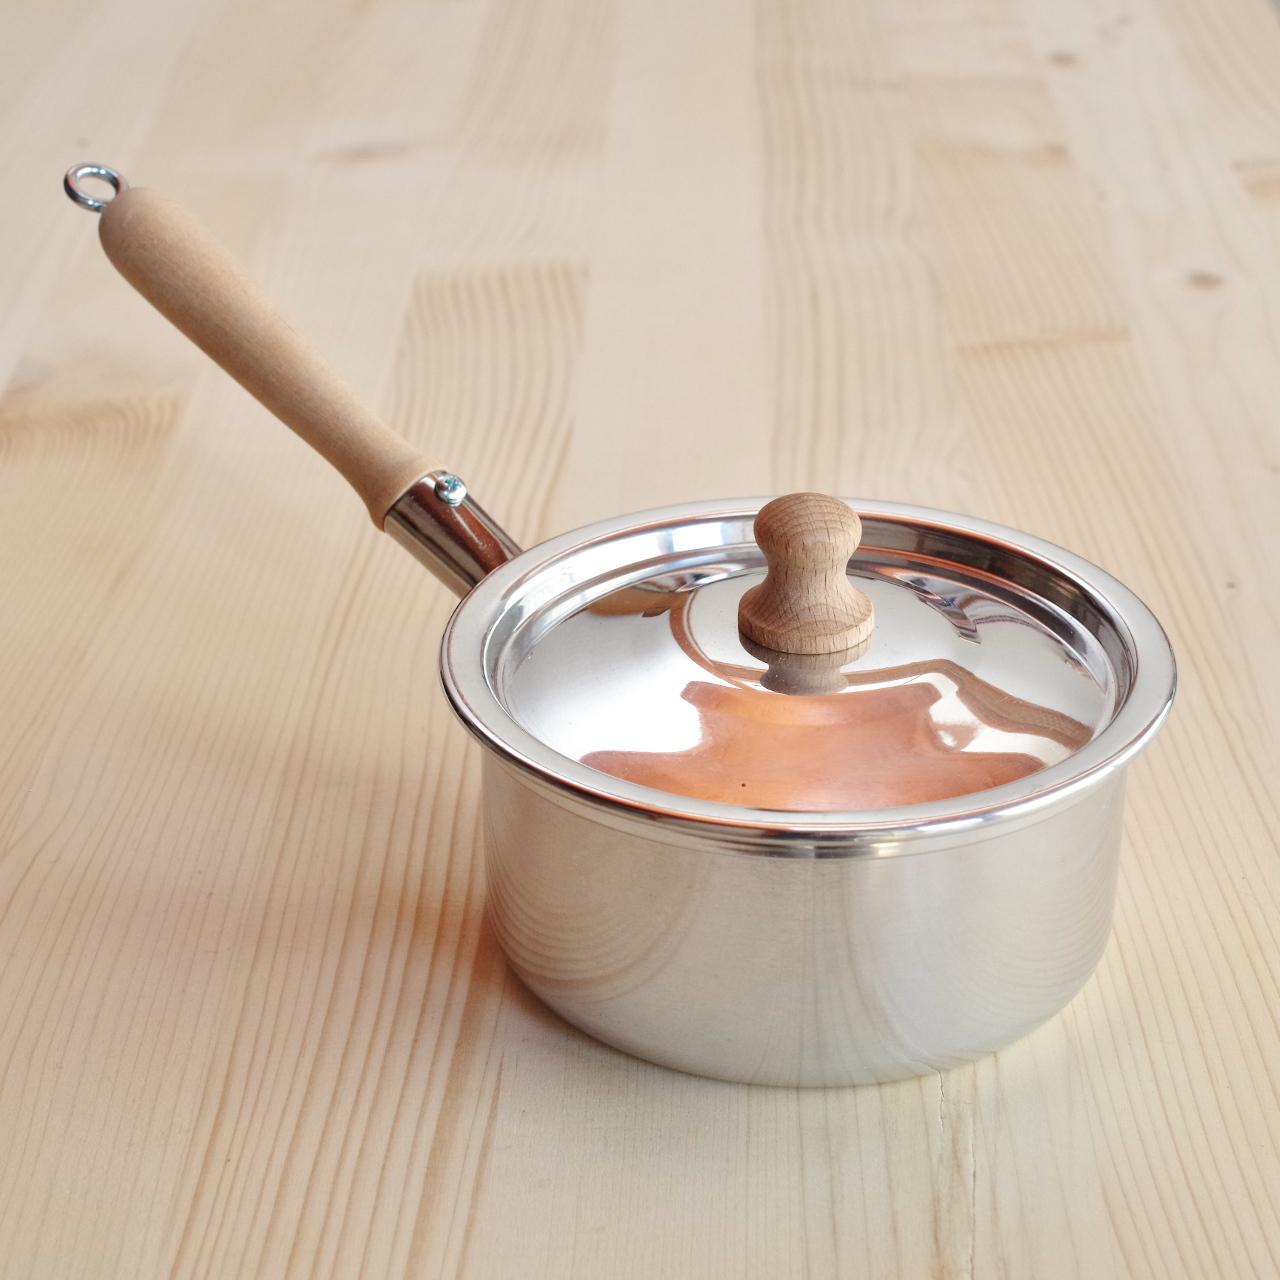 ニック 木の取手 ソテーパン